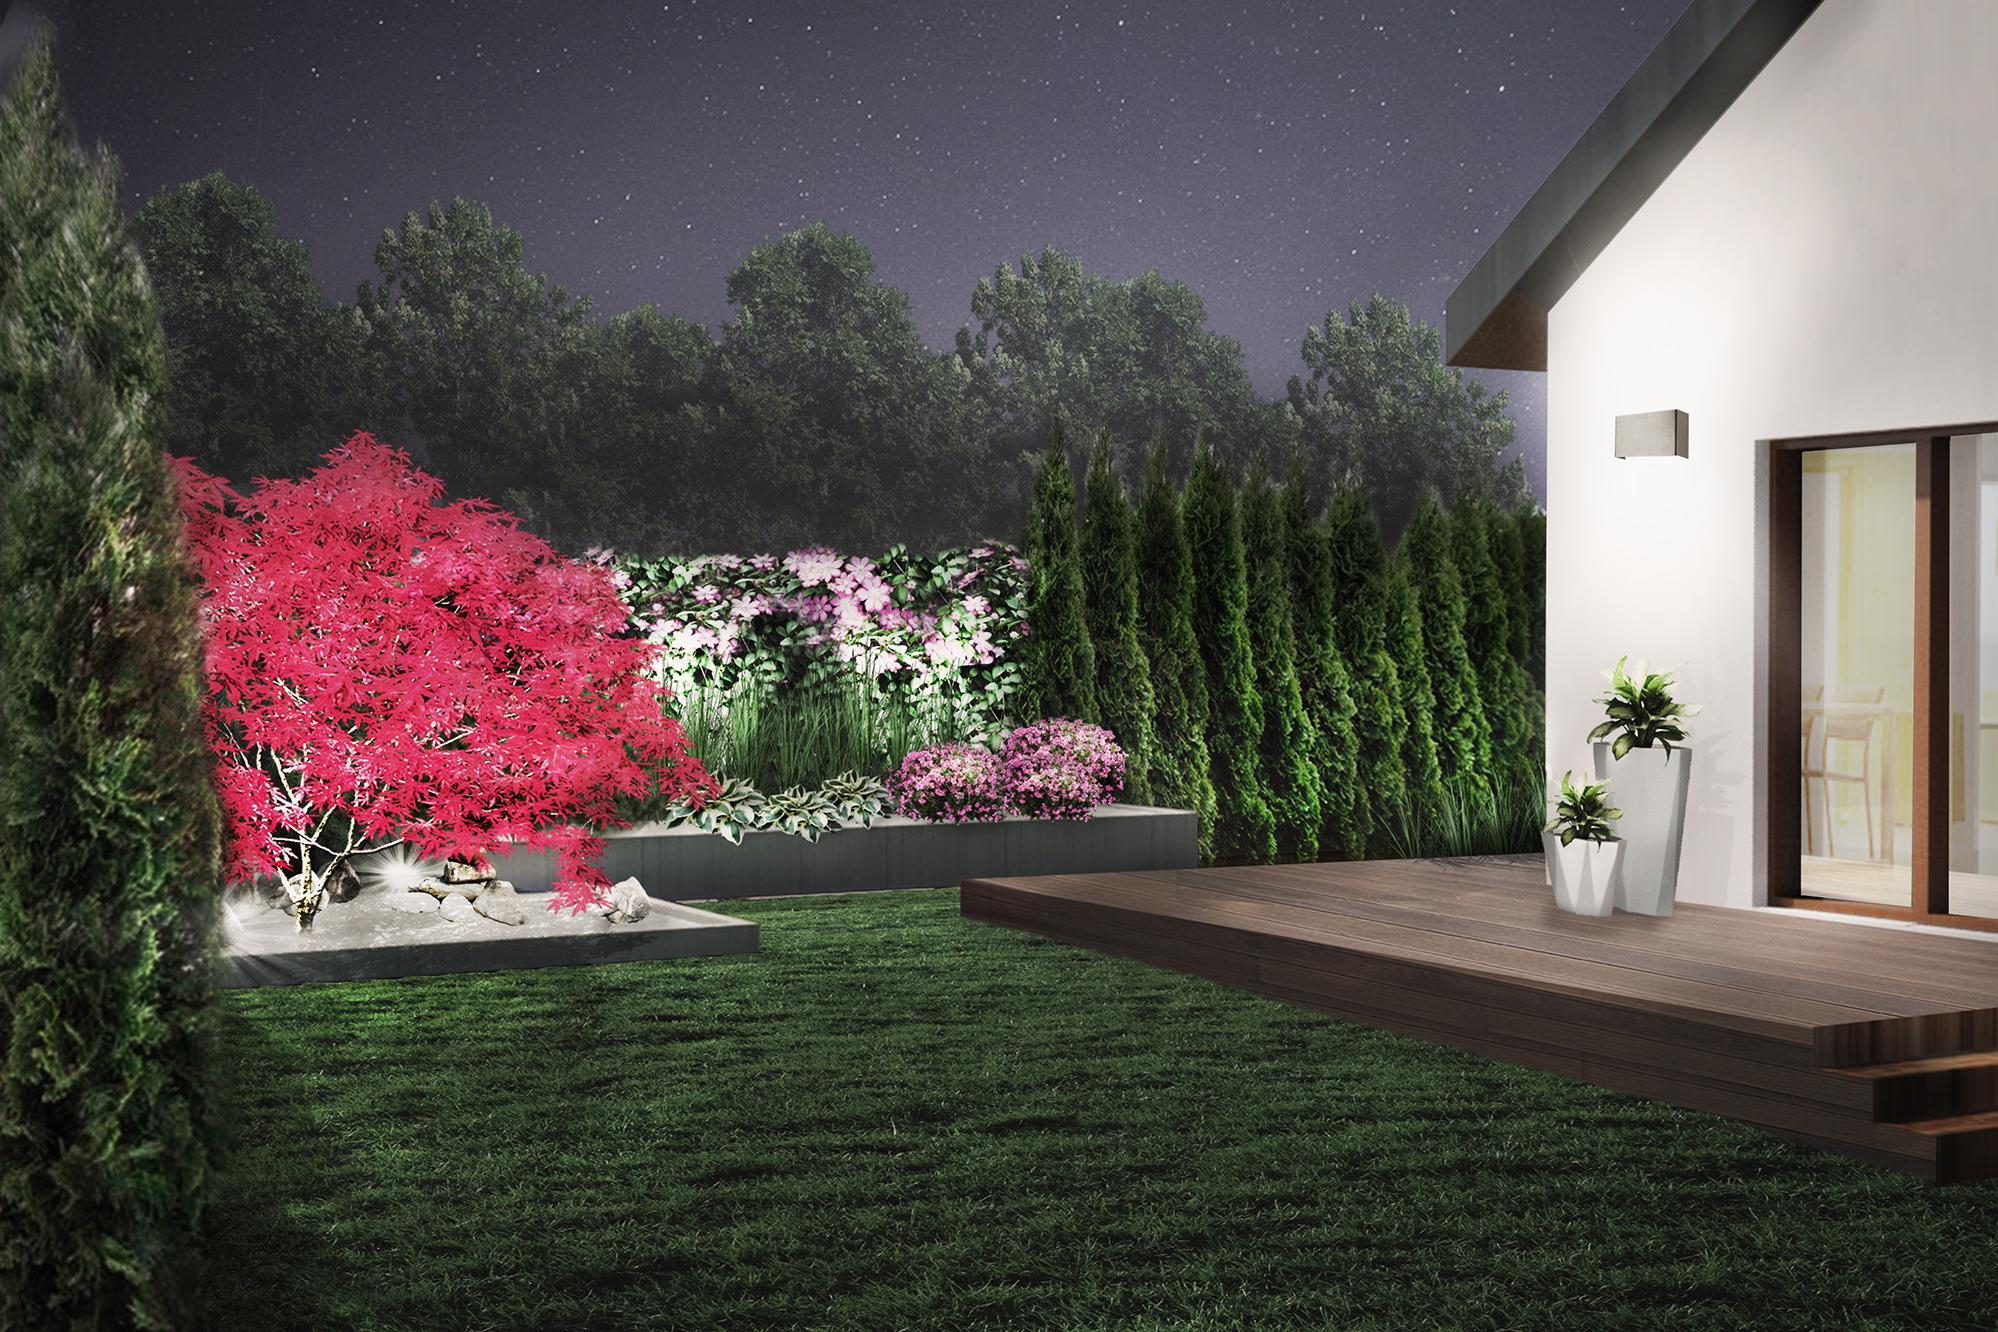 nowoczesny ogród geometryczny - oświetlenie roślin i tarasu